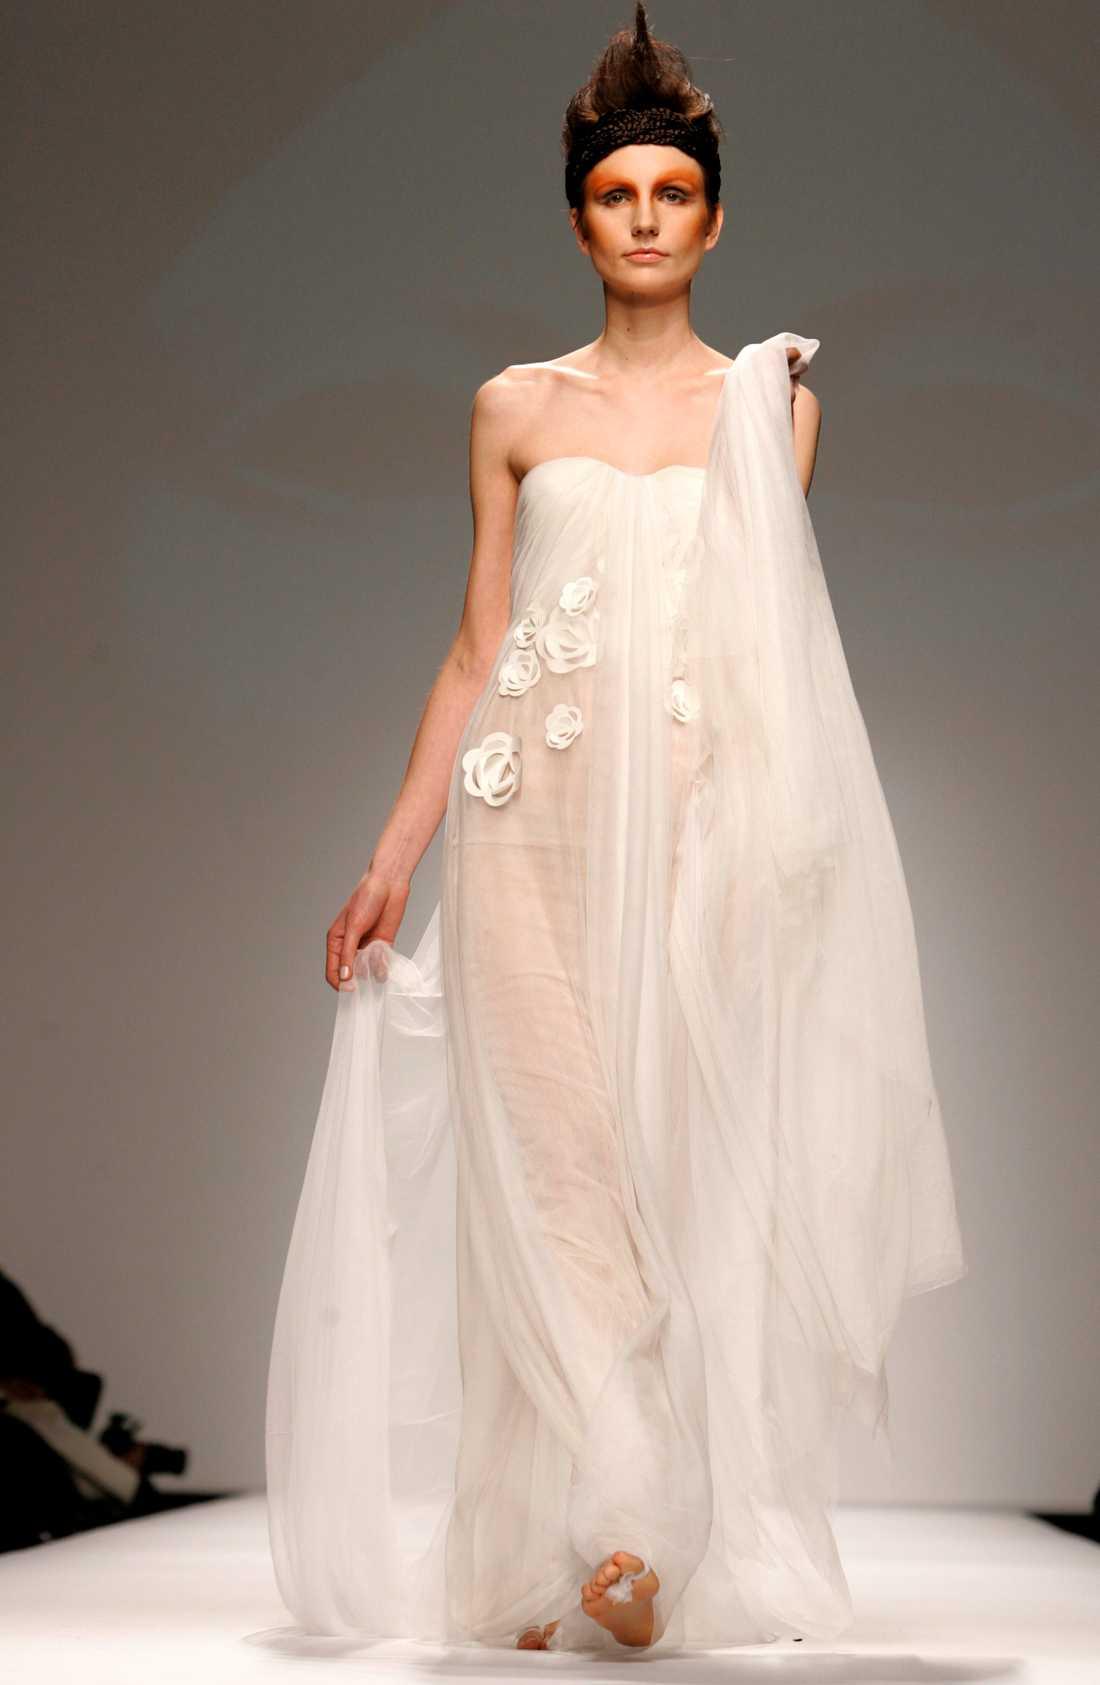 Inspirationsbild Brudklänning från Marella Ferrera. Foto: Ap